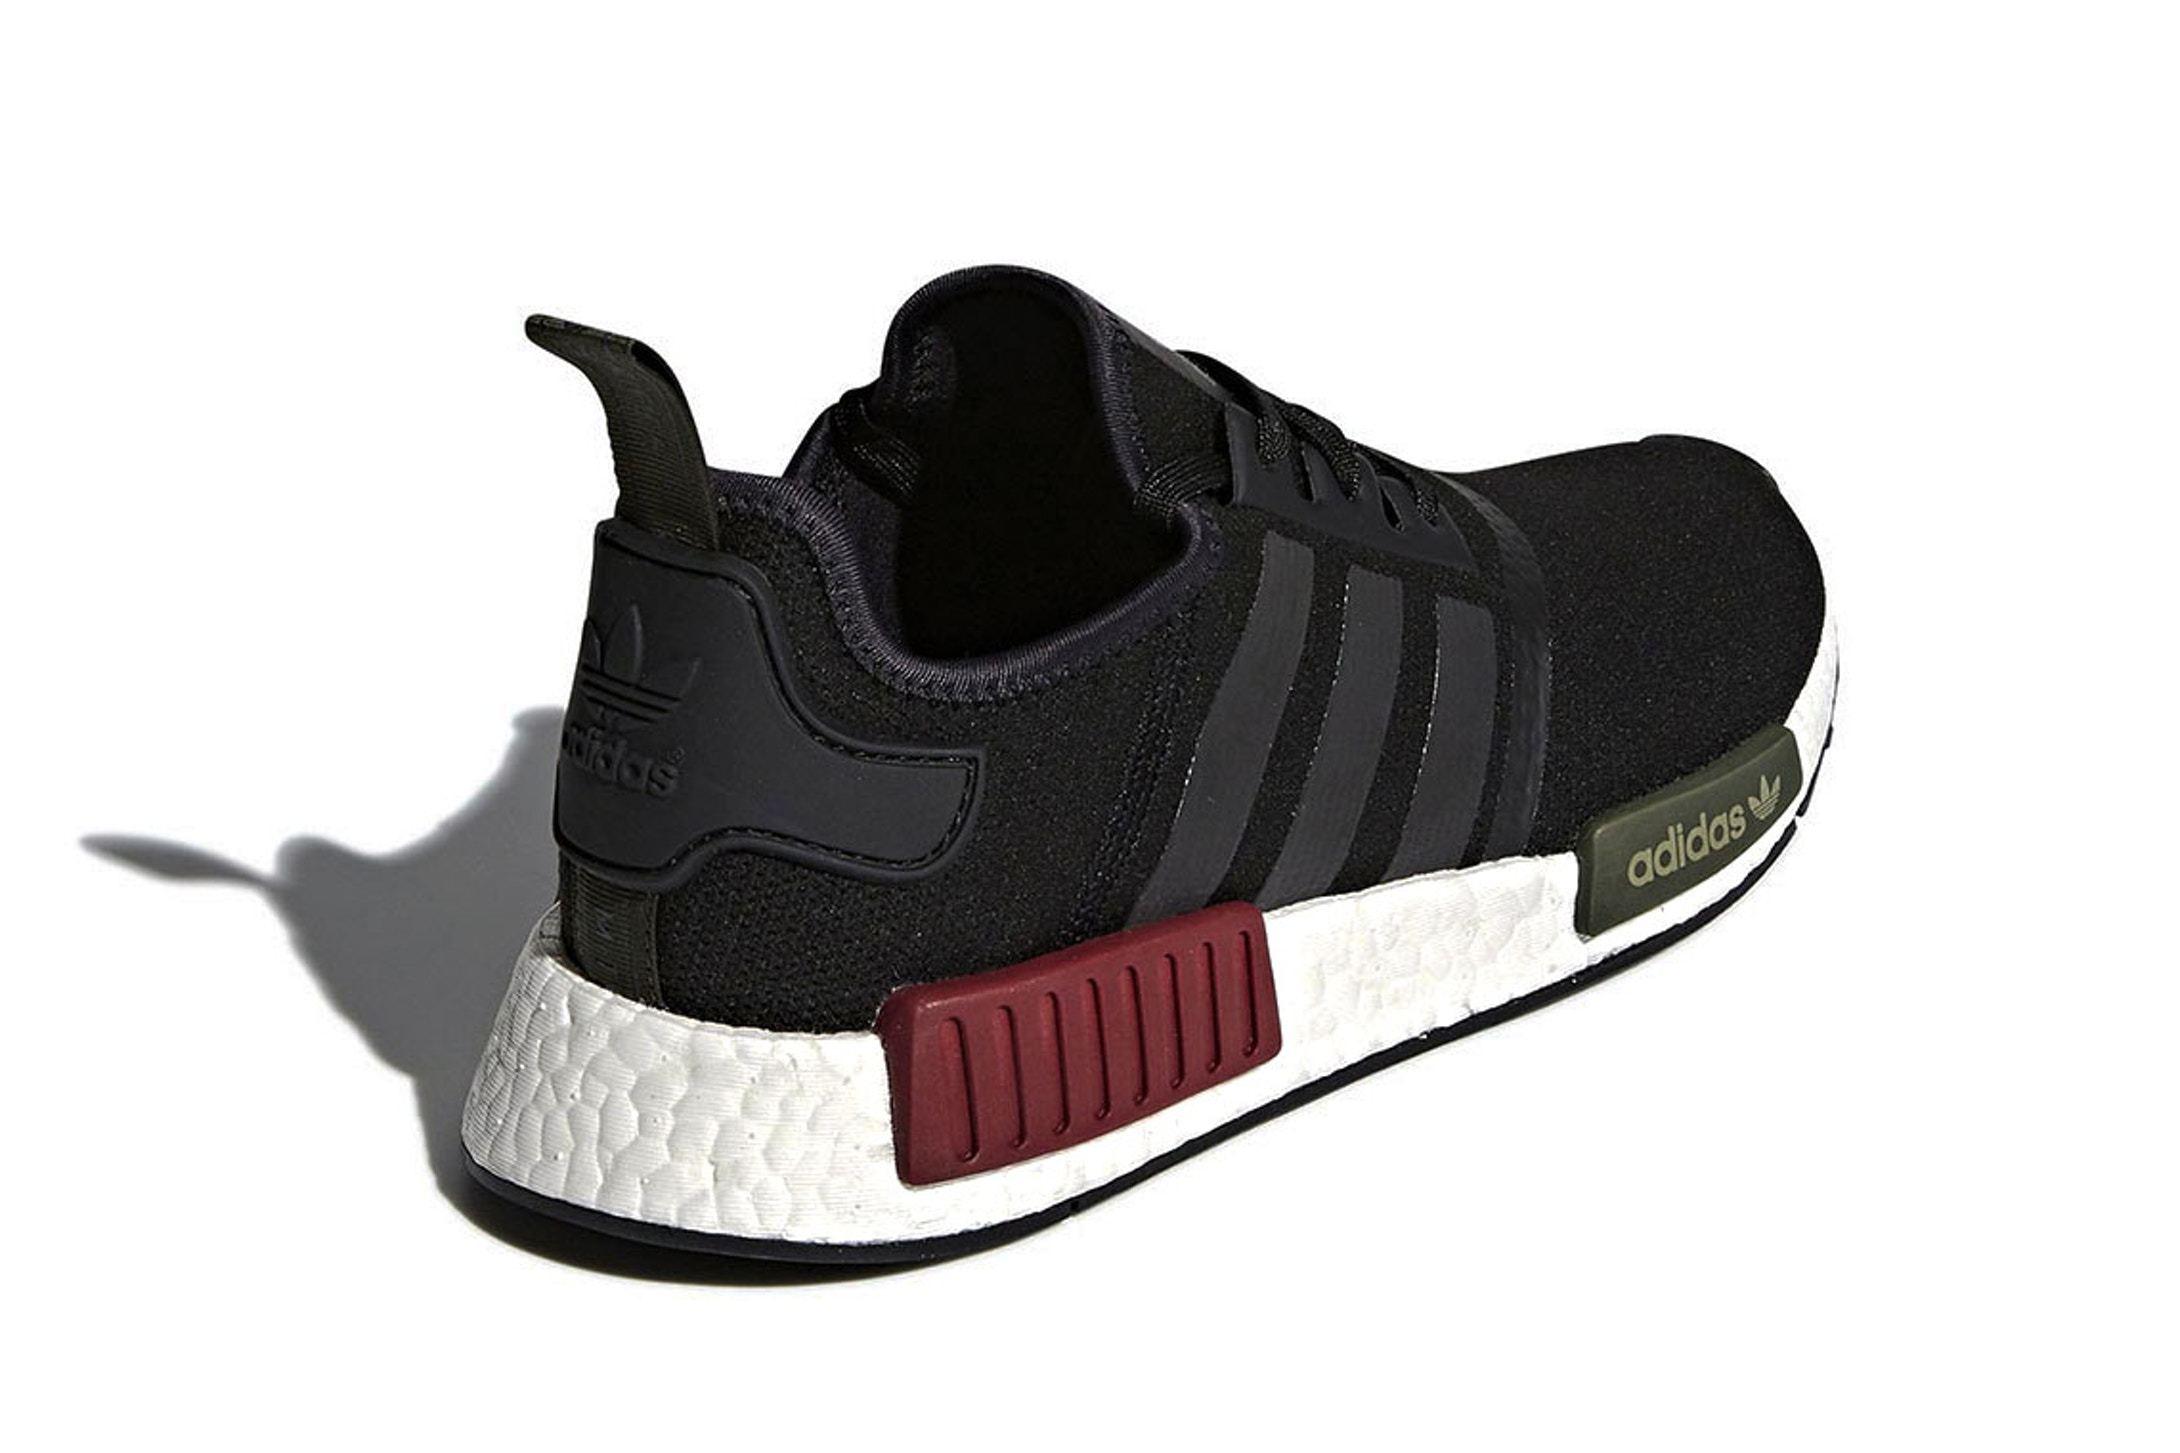 Adidas Nmd R1 Burgundy Olive Sneaker Freaker2